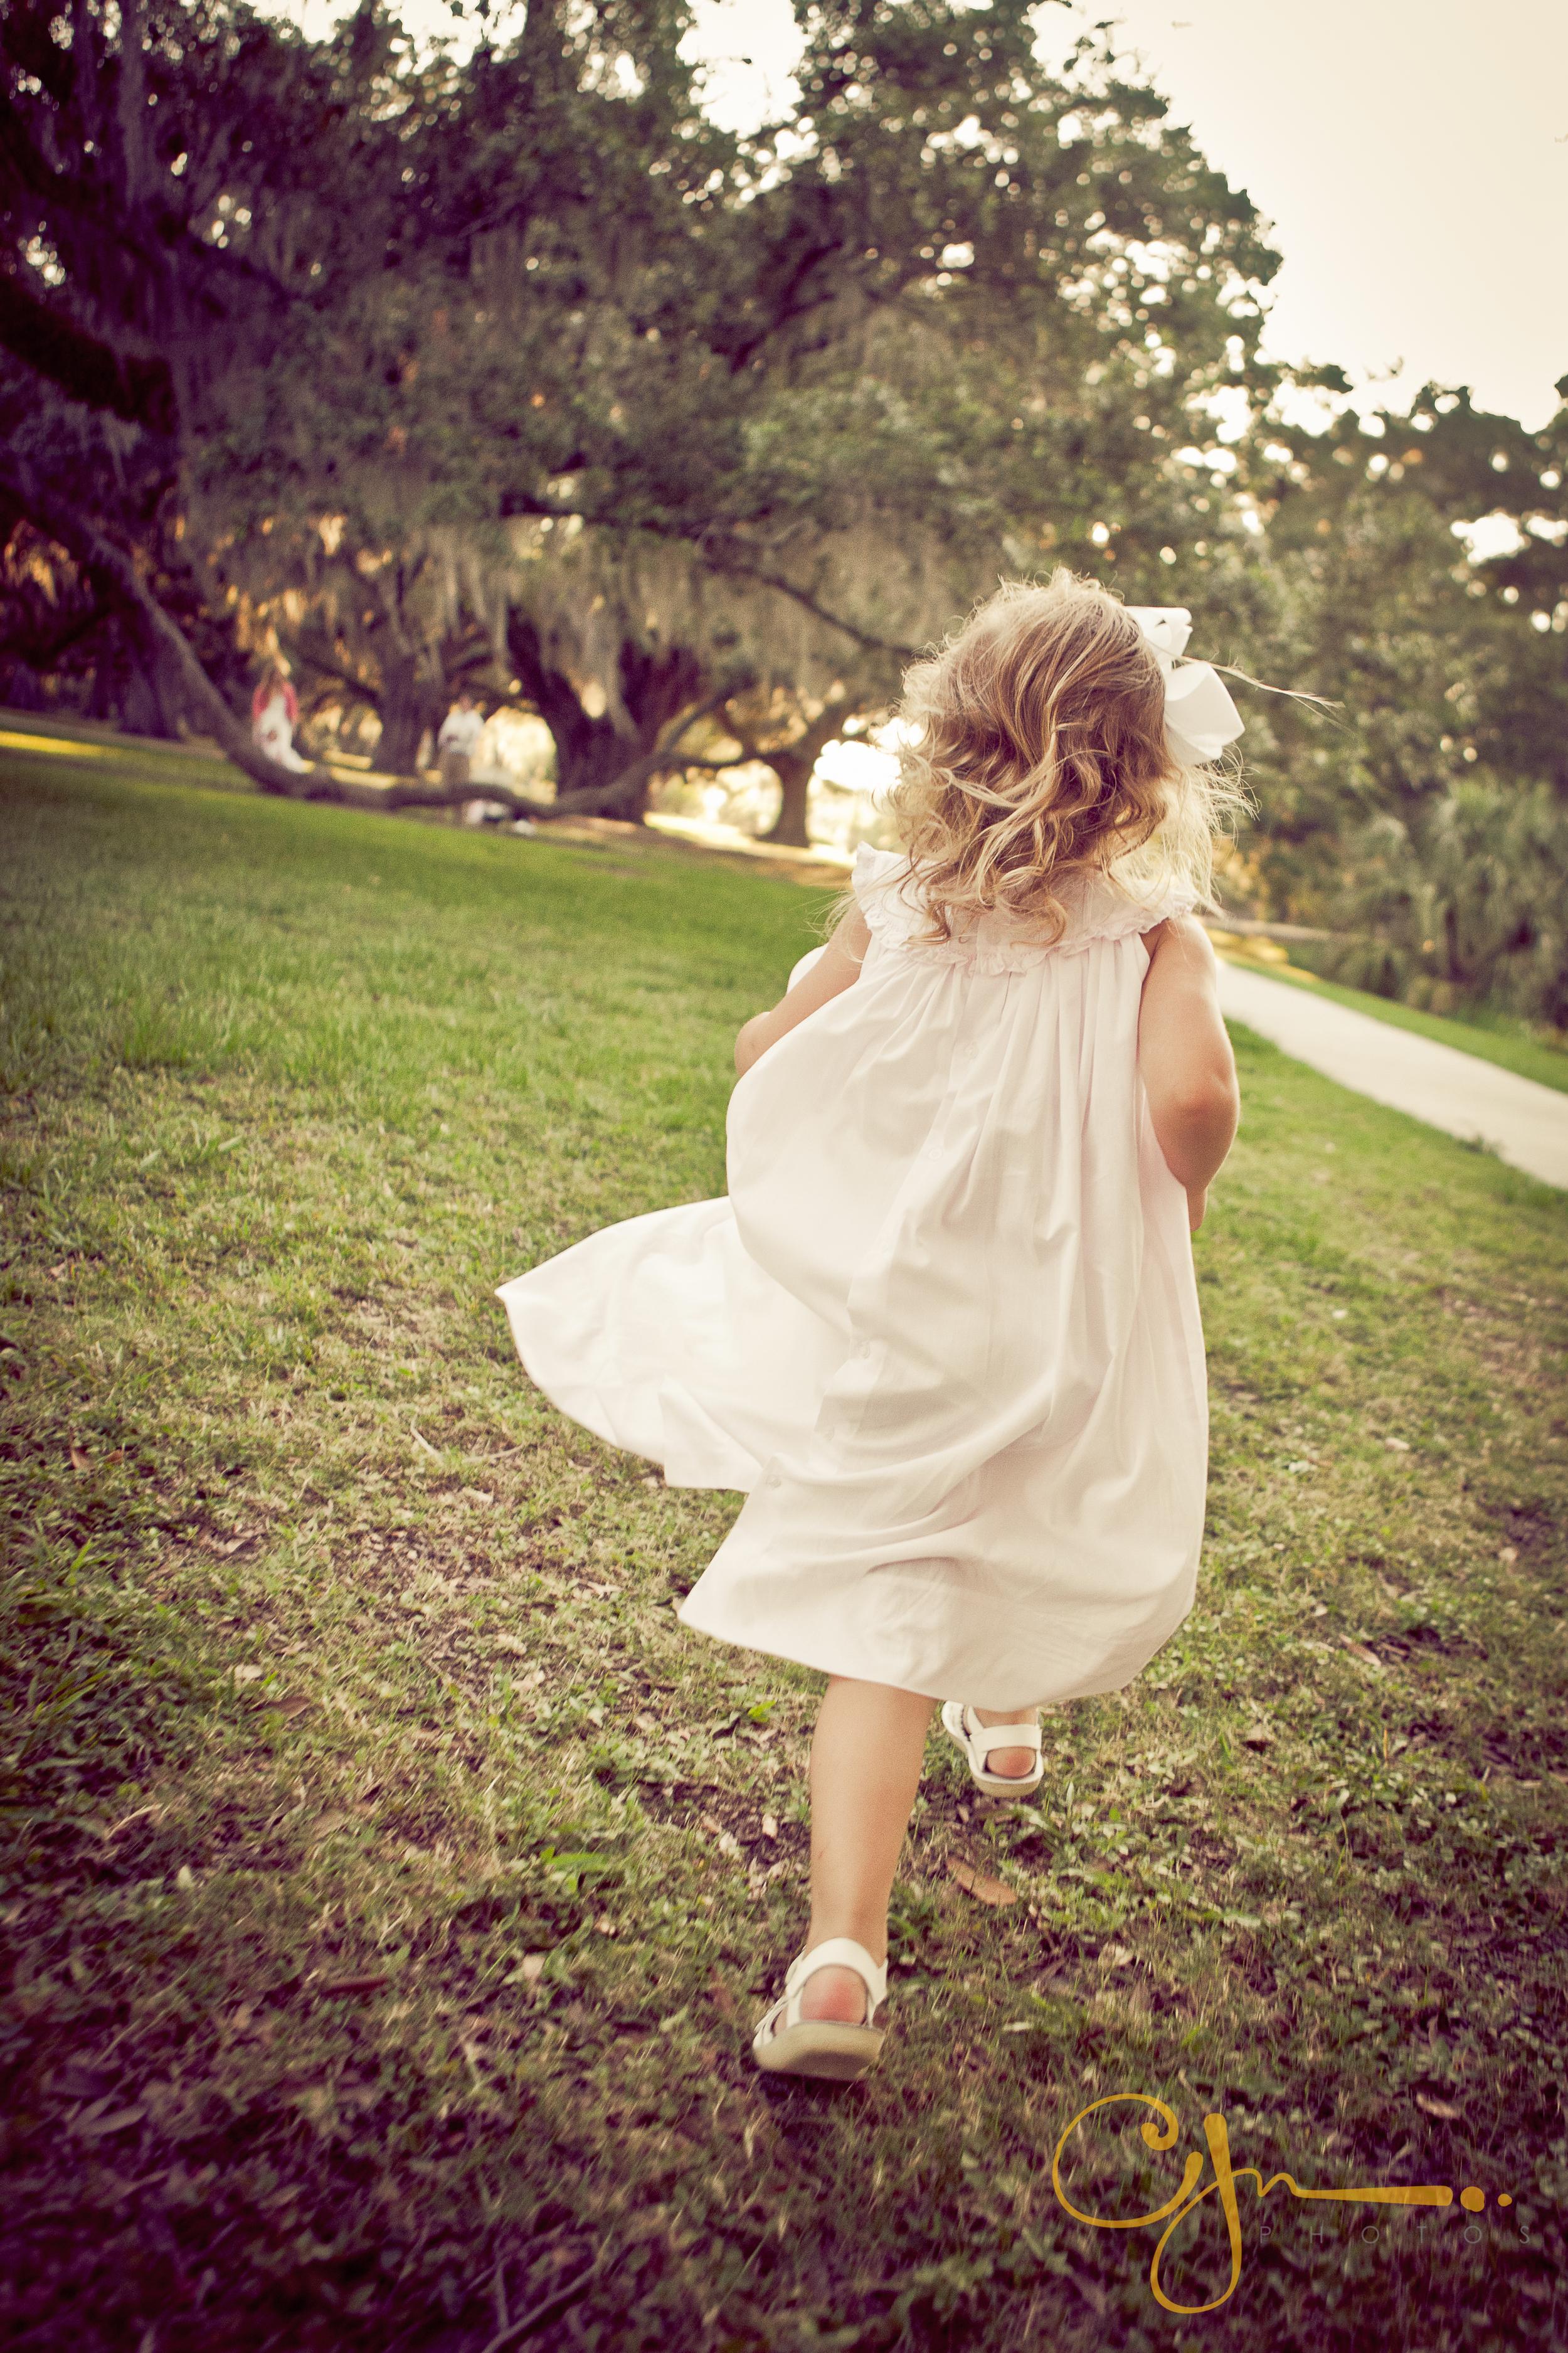 cjnphotos_innocence_children_running.jpg